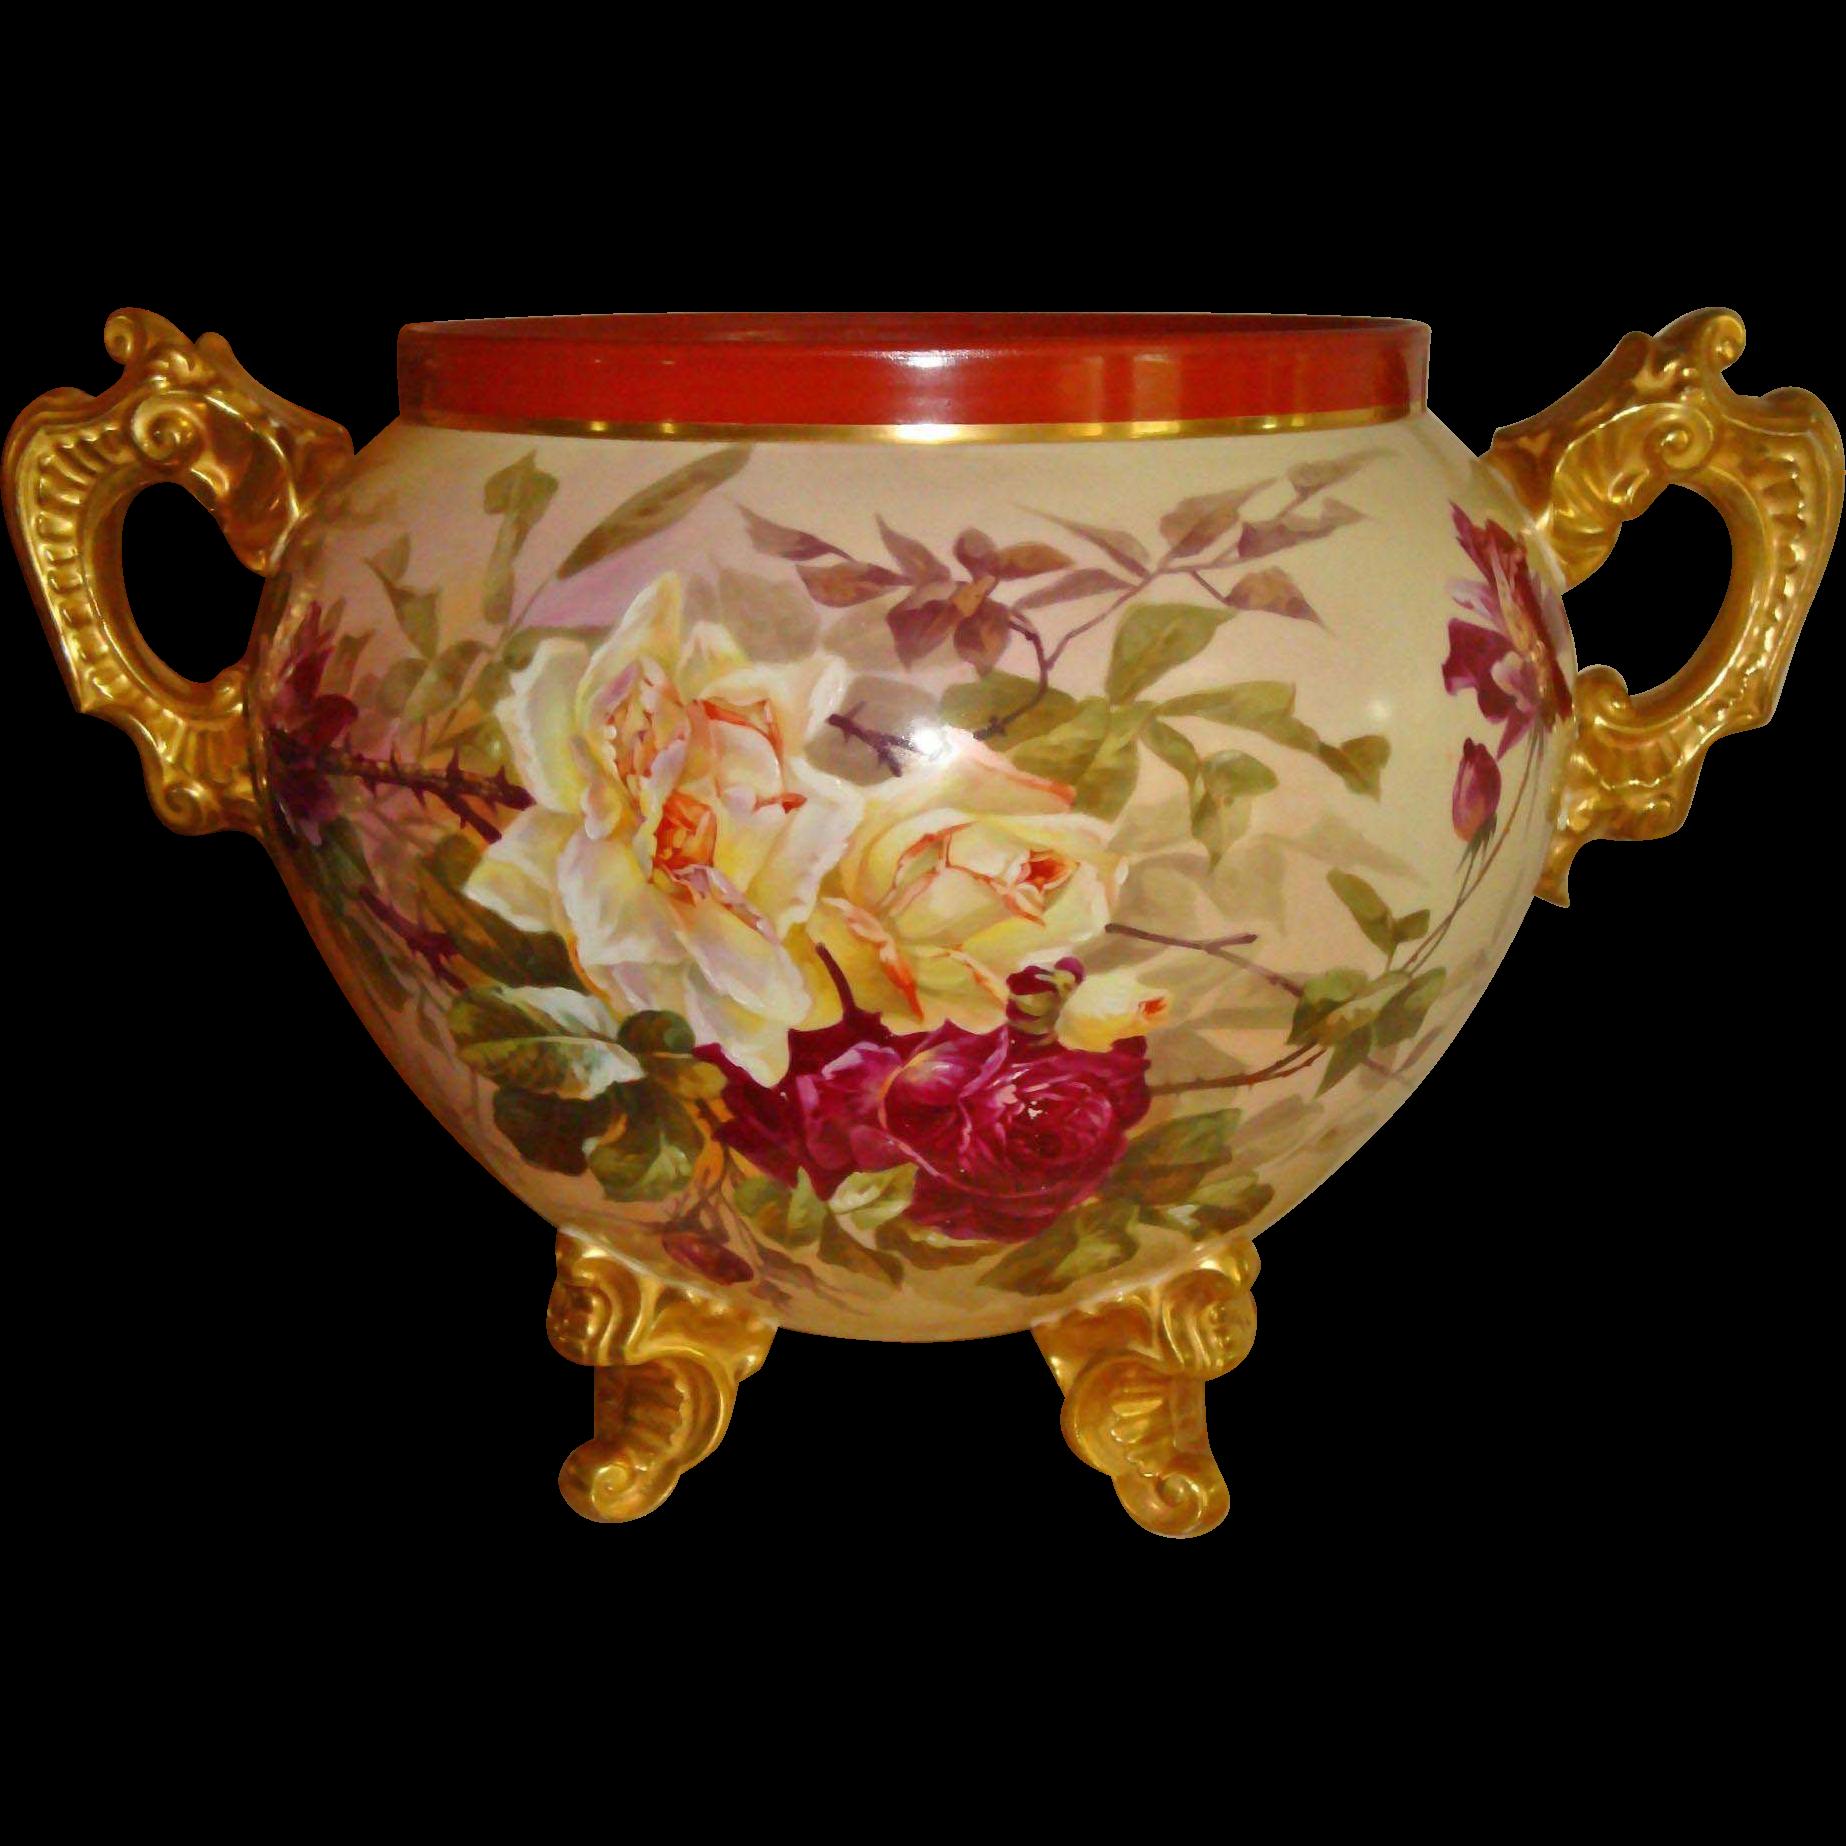 Fantastic Antique Limoges France Large Hand Painted Porcelain Ornate Jardiniere Vase Roses Orchids